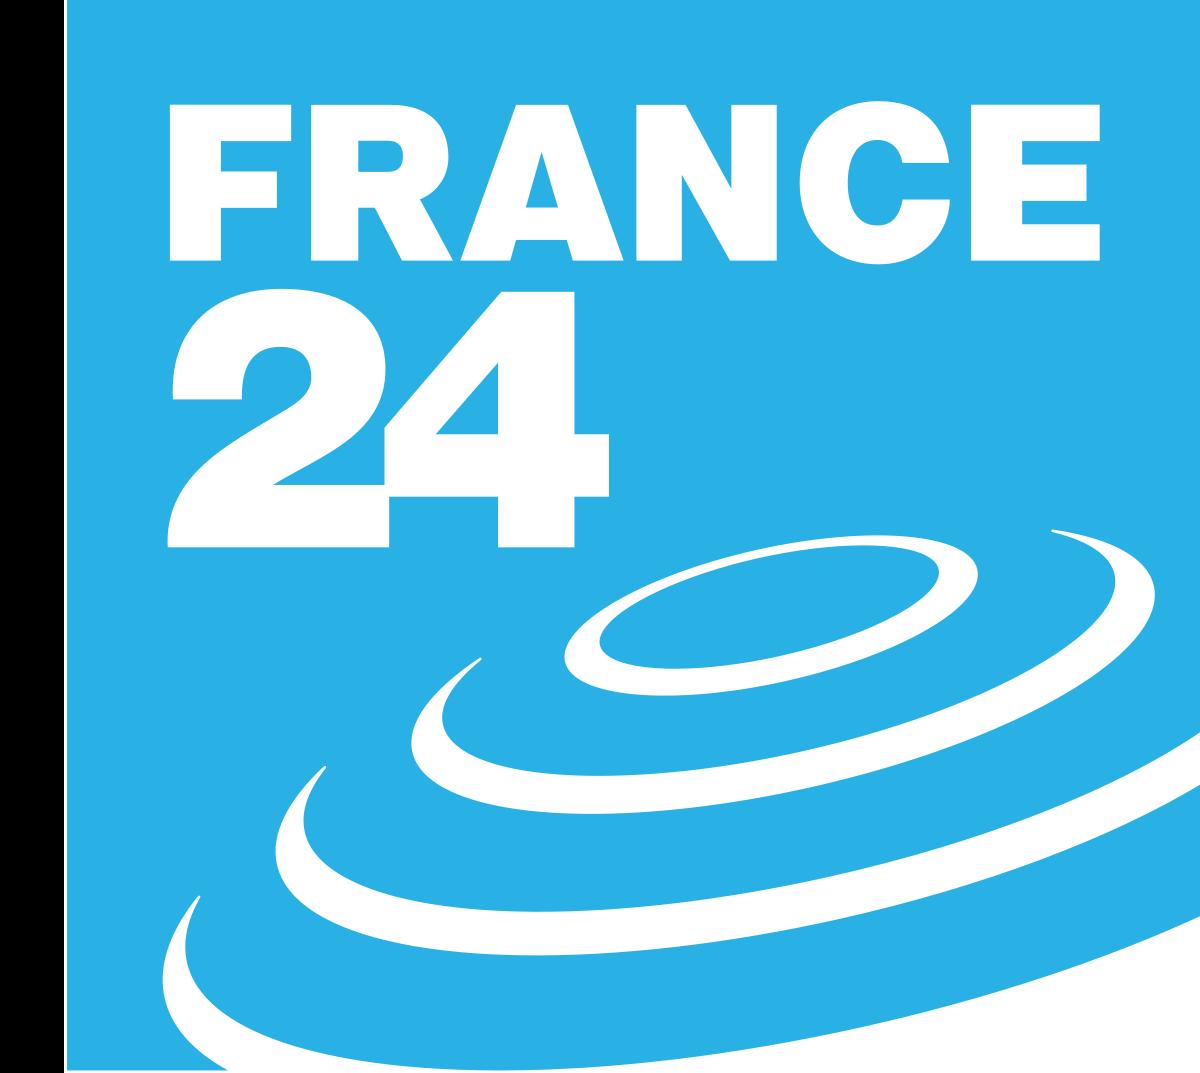 Logo de France 24, sur fond bleu clair avec l'indication France 24 en blanc